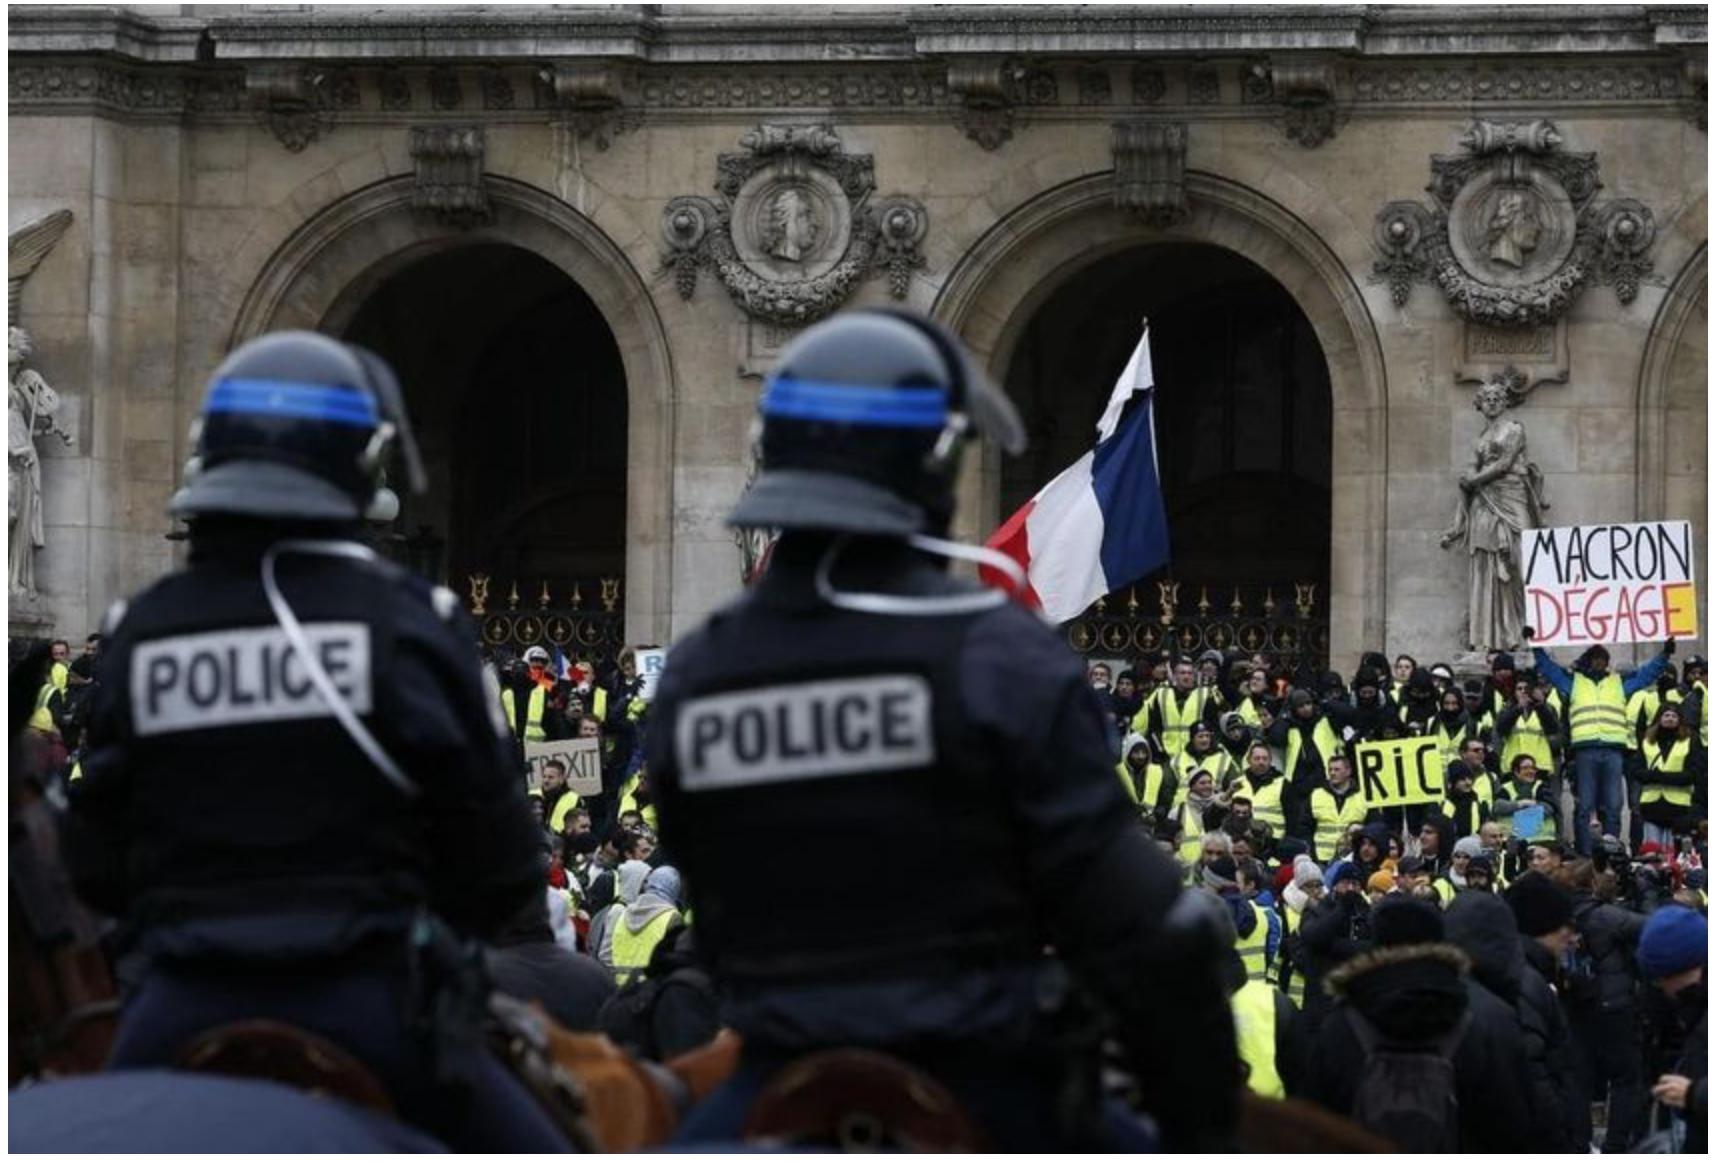 FR3-Staline retouche les photos pour supprimer «Macron dégage»  !